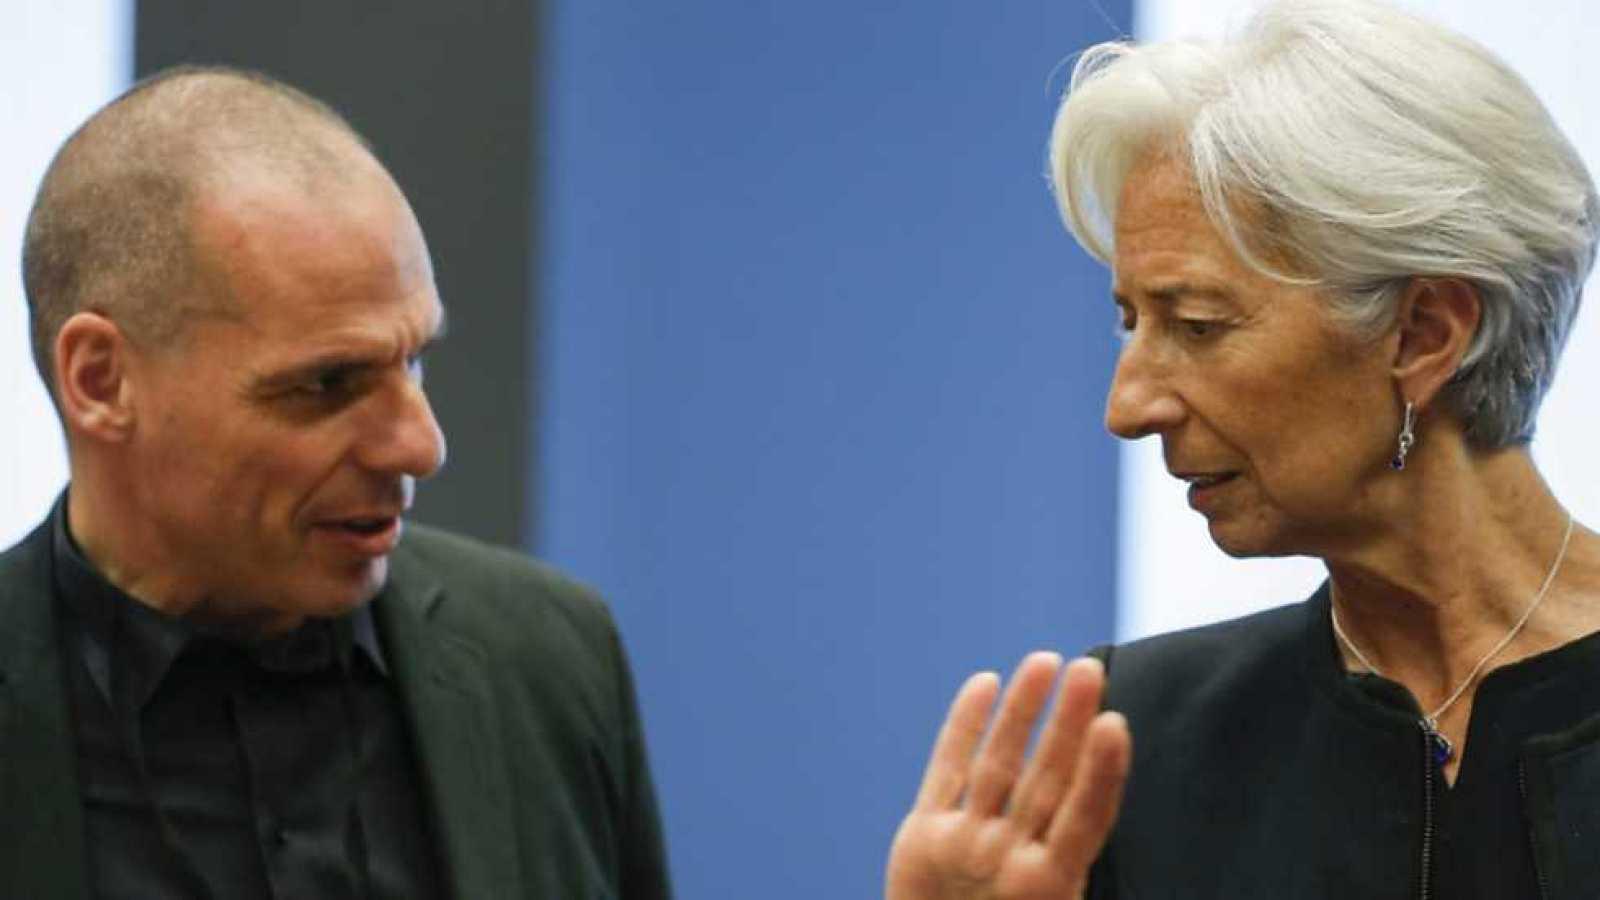 El eurogrupo fracasa en su enésimo intento de cerrar un acuerdo con Atenas y eleva  la negociación al máximo nivel político. Los jejes de gobierno de los 19 países de la moneda única se reunirán el lunes en una cumbre extraordinaria. Será, dicen, la